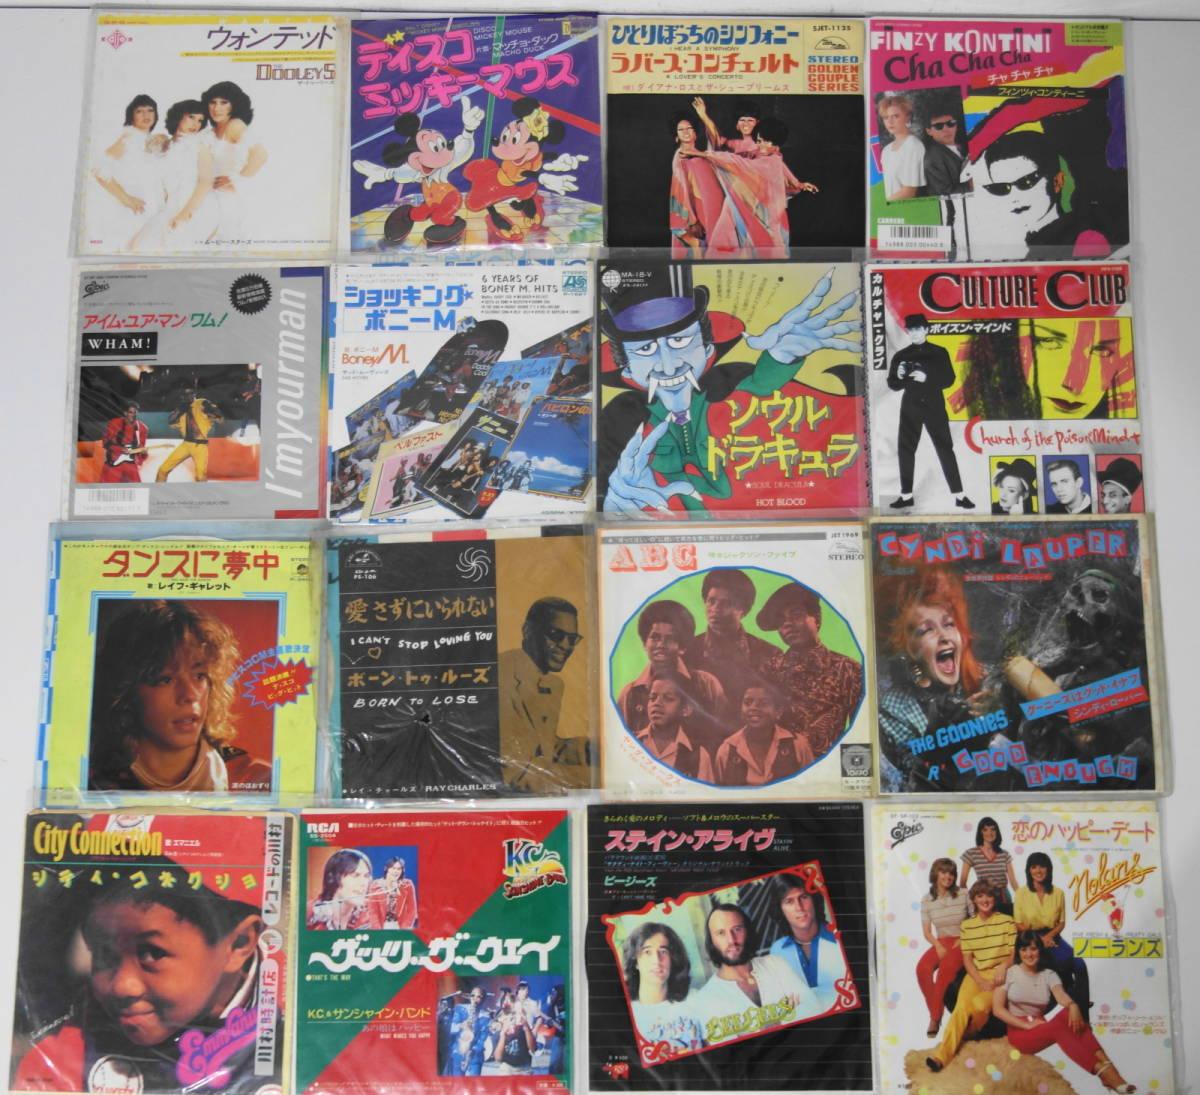 ディスコ ソウル レコード 80枚 LP32枚 EP48枚 レコード 大量セット アバ スティービーワンダー ワム マイケルジャクソン プラターズ_画像5